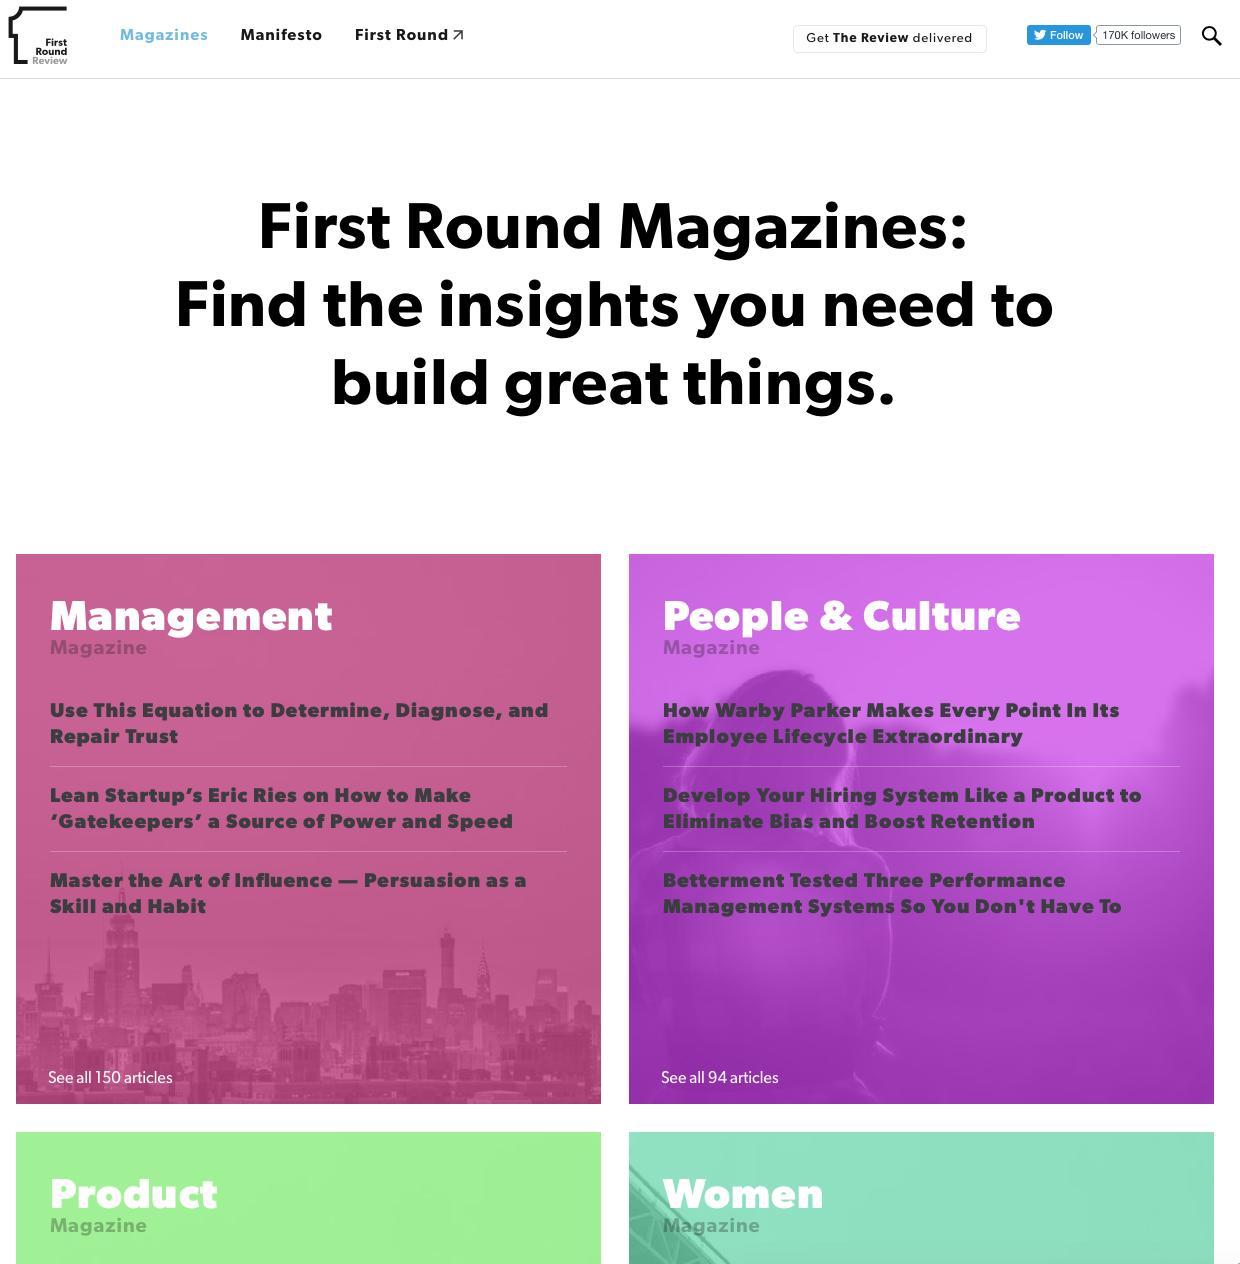 First Round Magazines